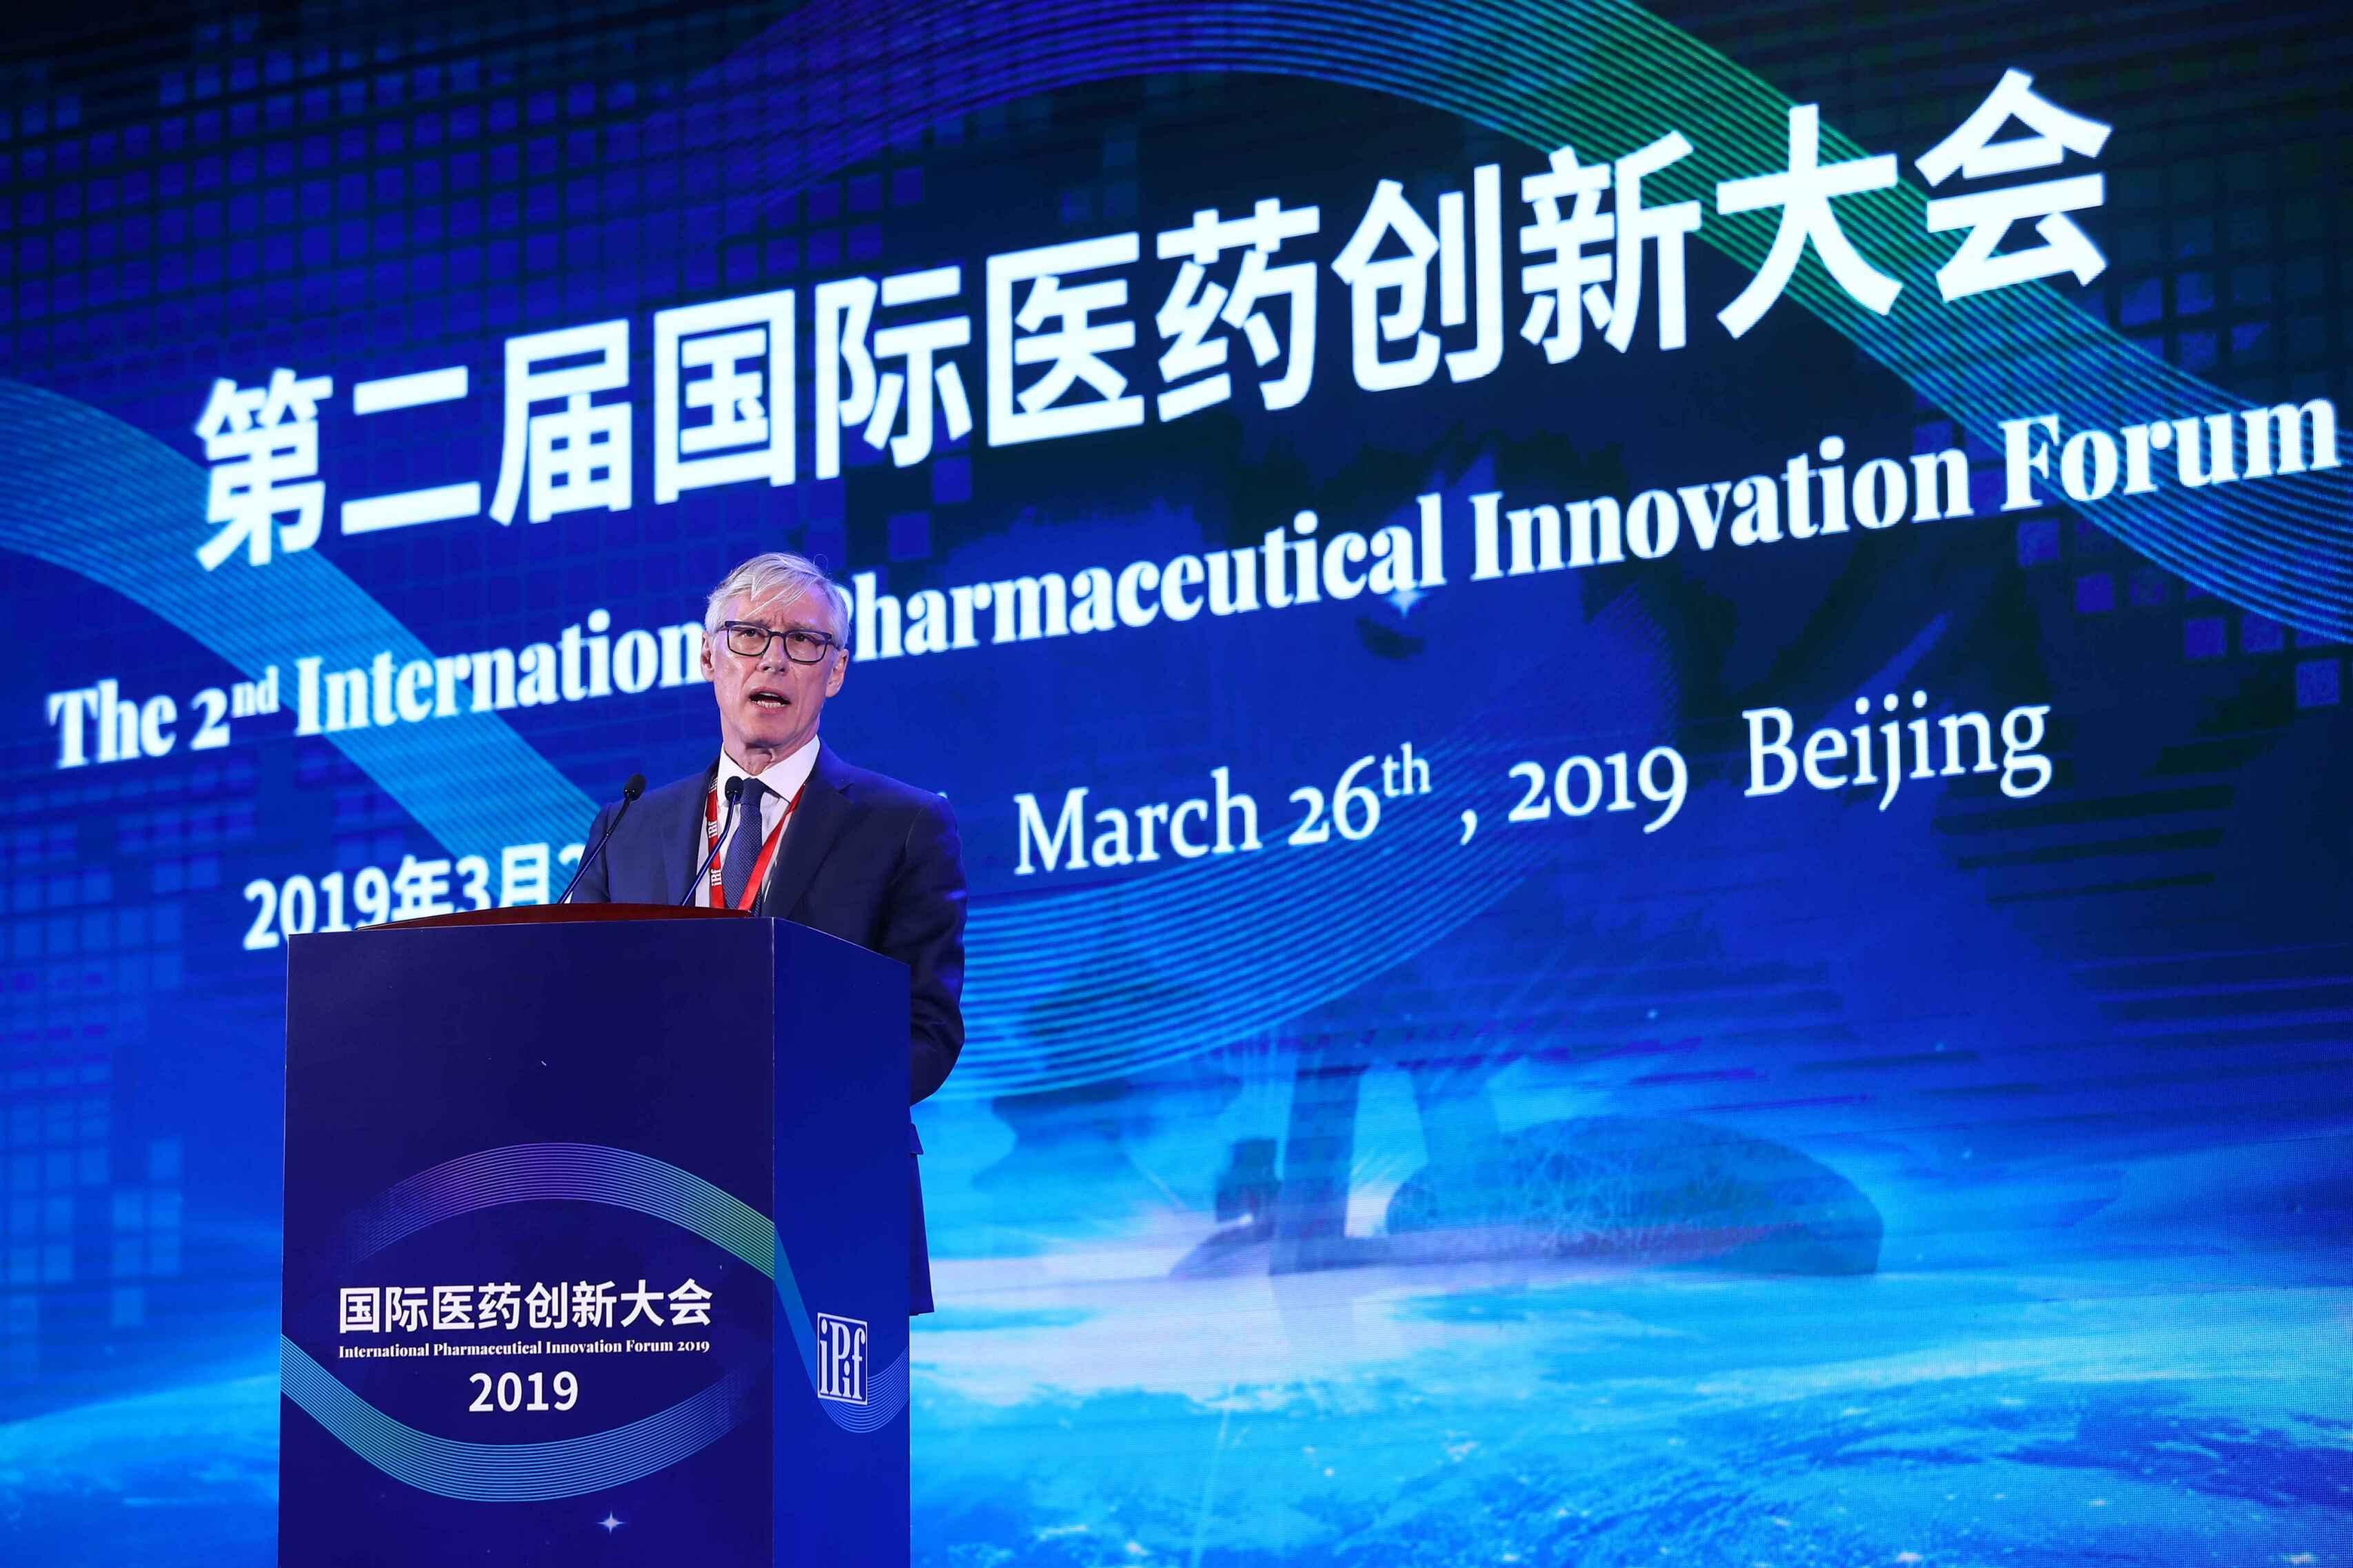 赛诺菲呼吁加快国际合作支持中国世界级创新